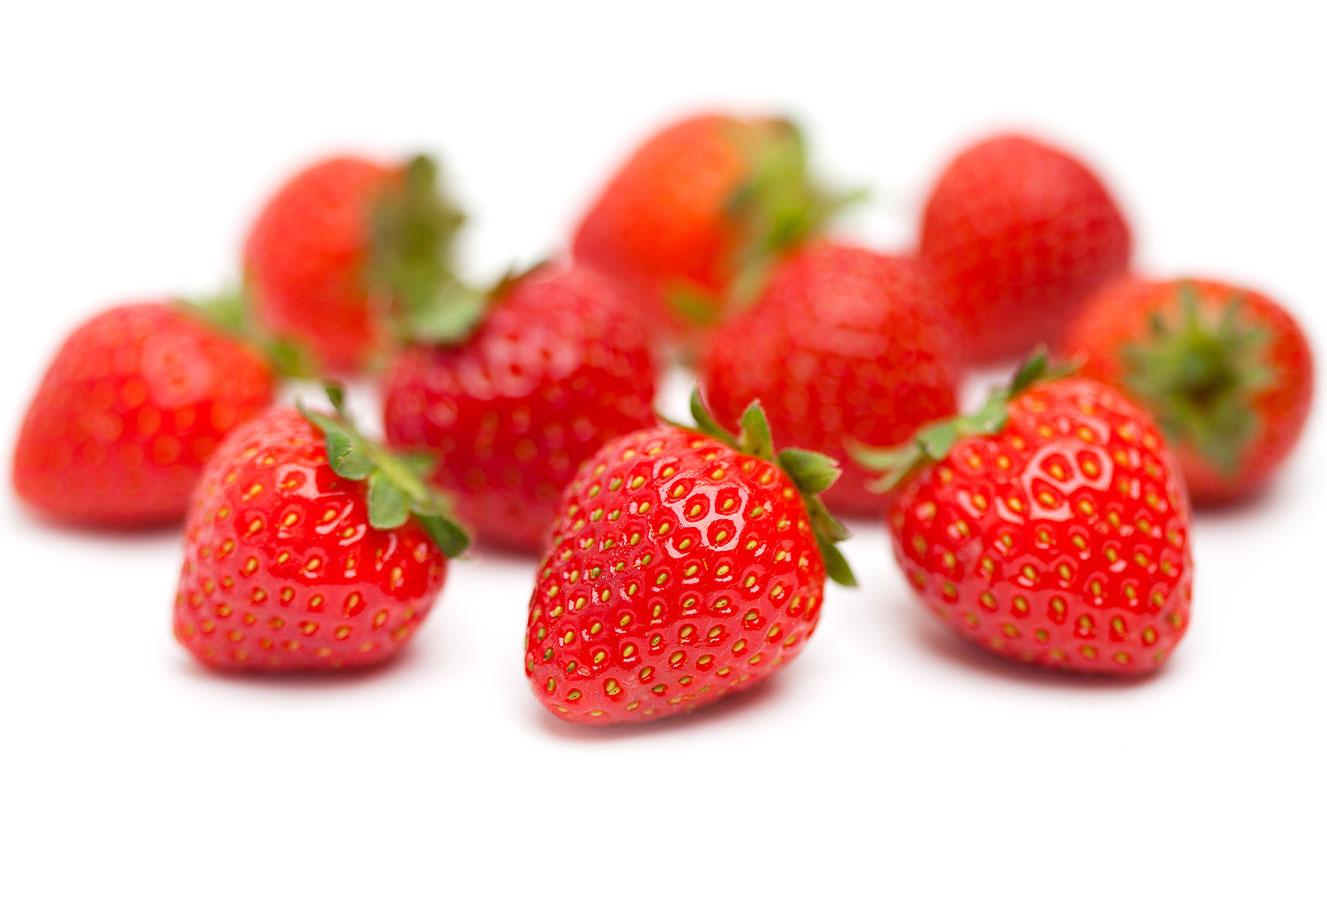 Actueel: Week 18 Groente En Fruit Producten